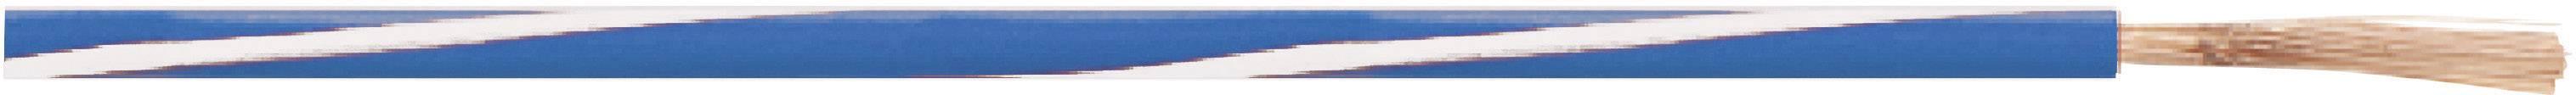 Opletenie / lanko LappKabel 4512392S X05V-K, 1 x 0.75 mm², vonkajší Ø 2.40 mm, metrový tovar, oranžová, biela